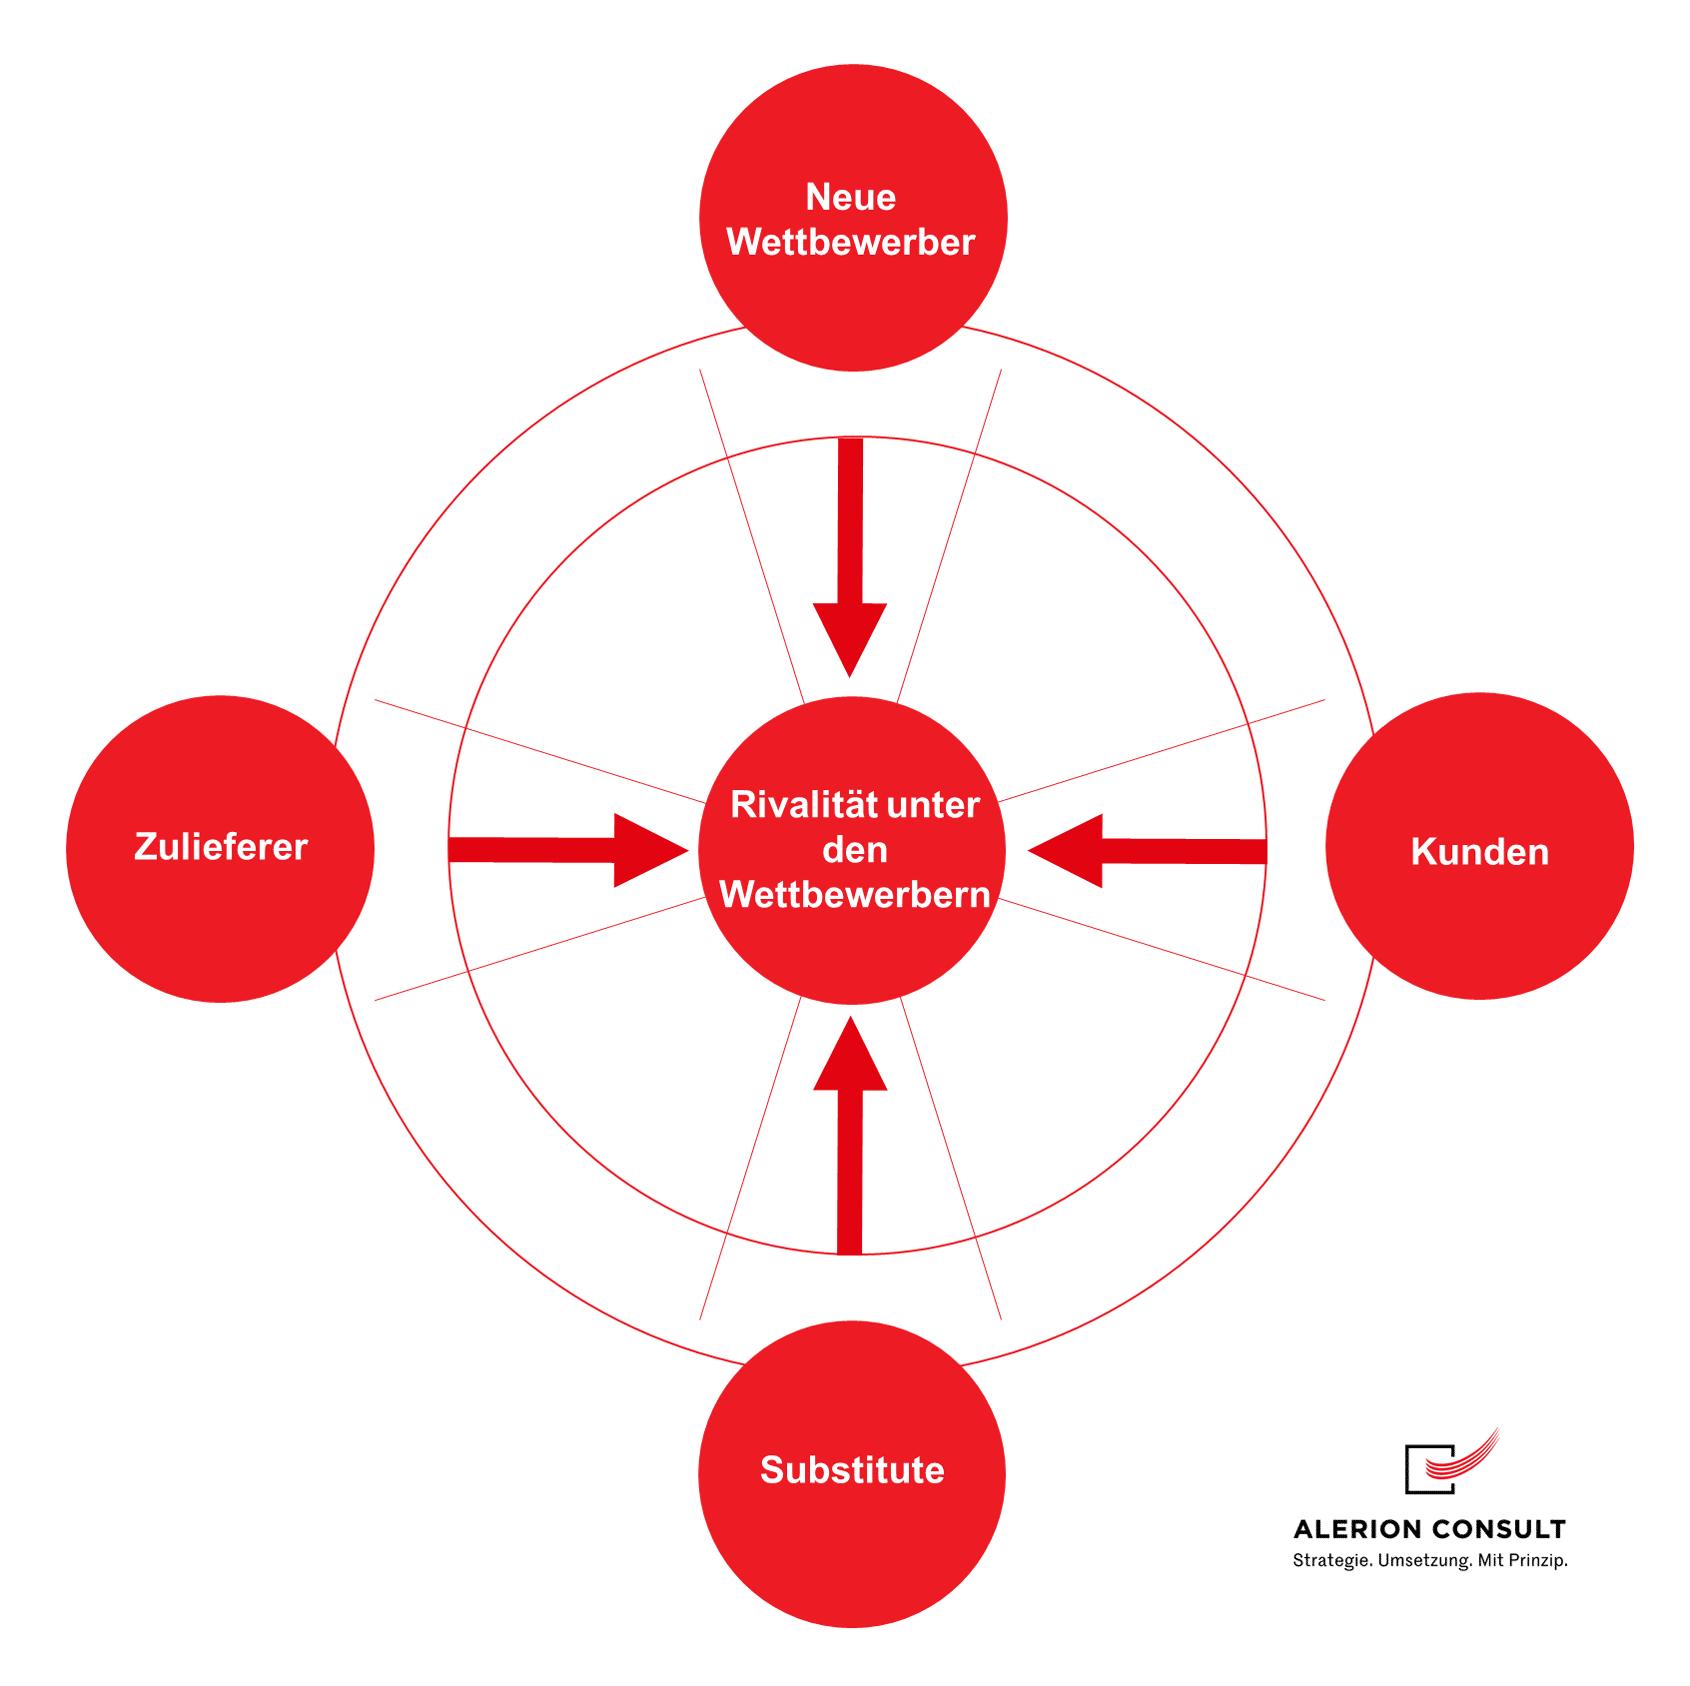 Strategieentwicklung nach Porter